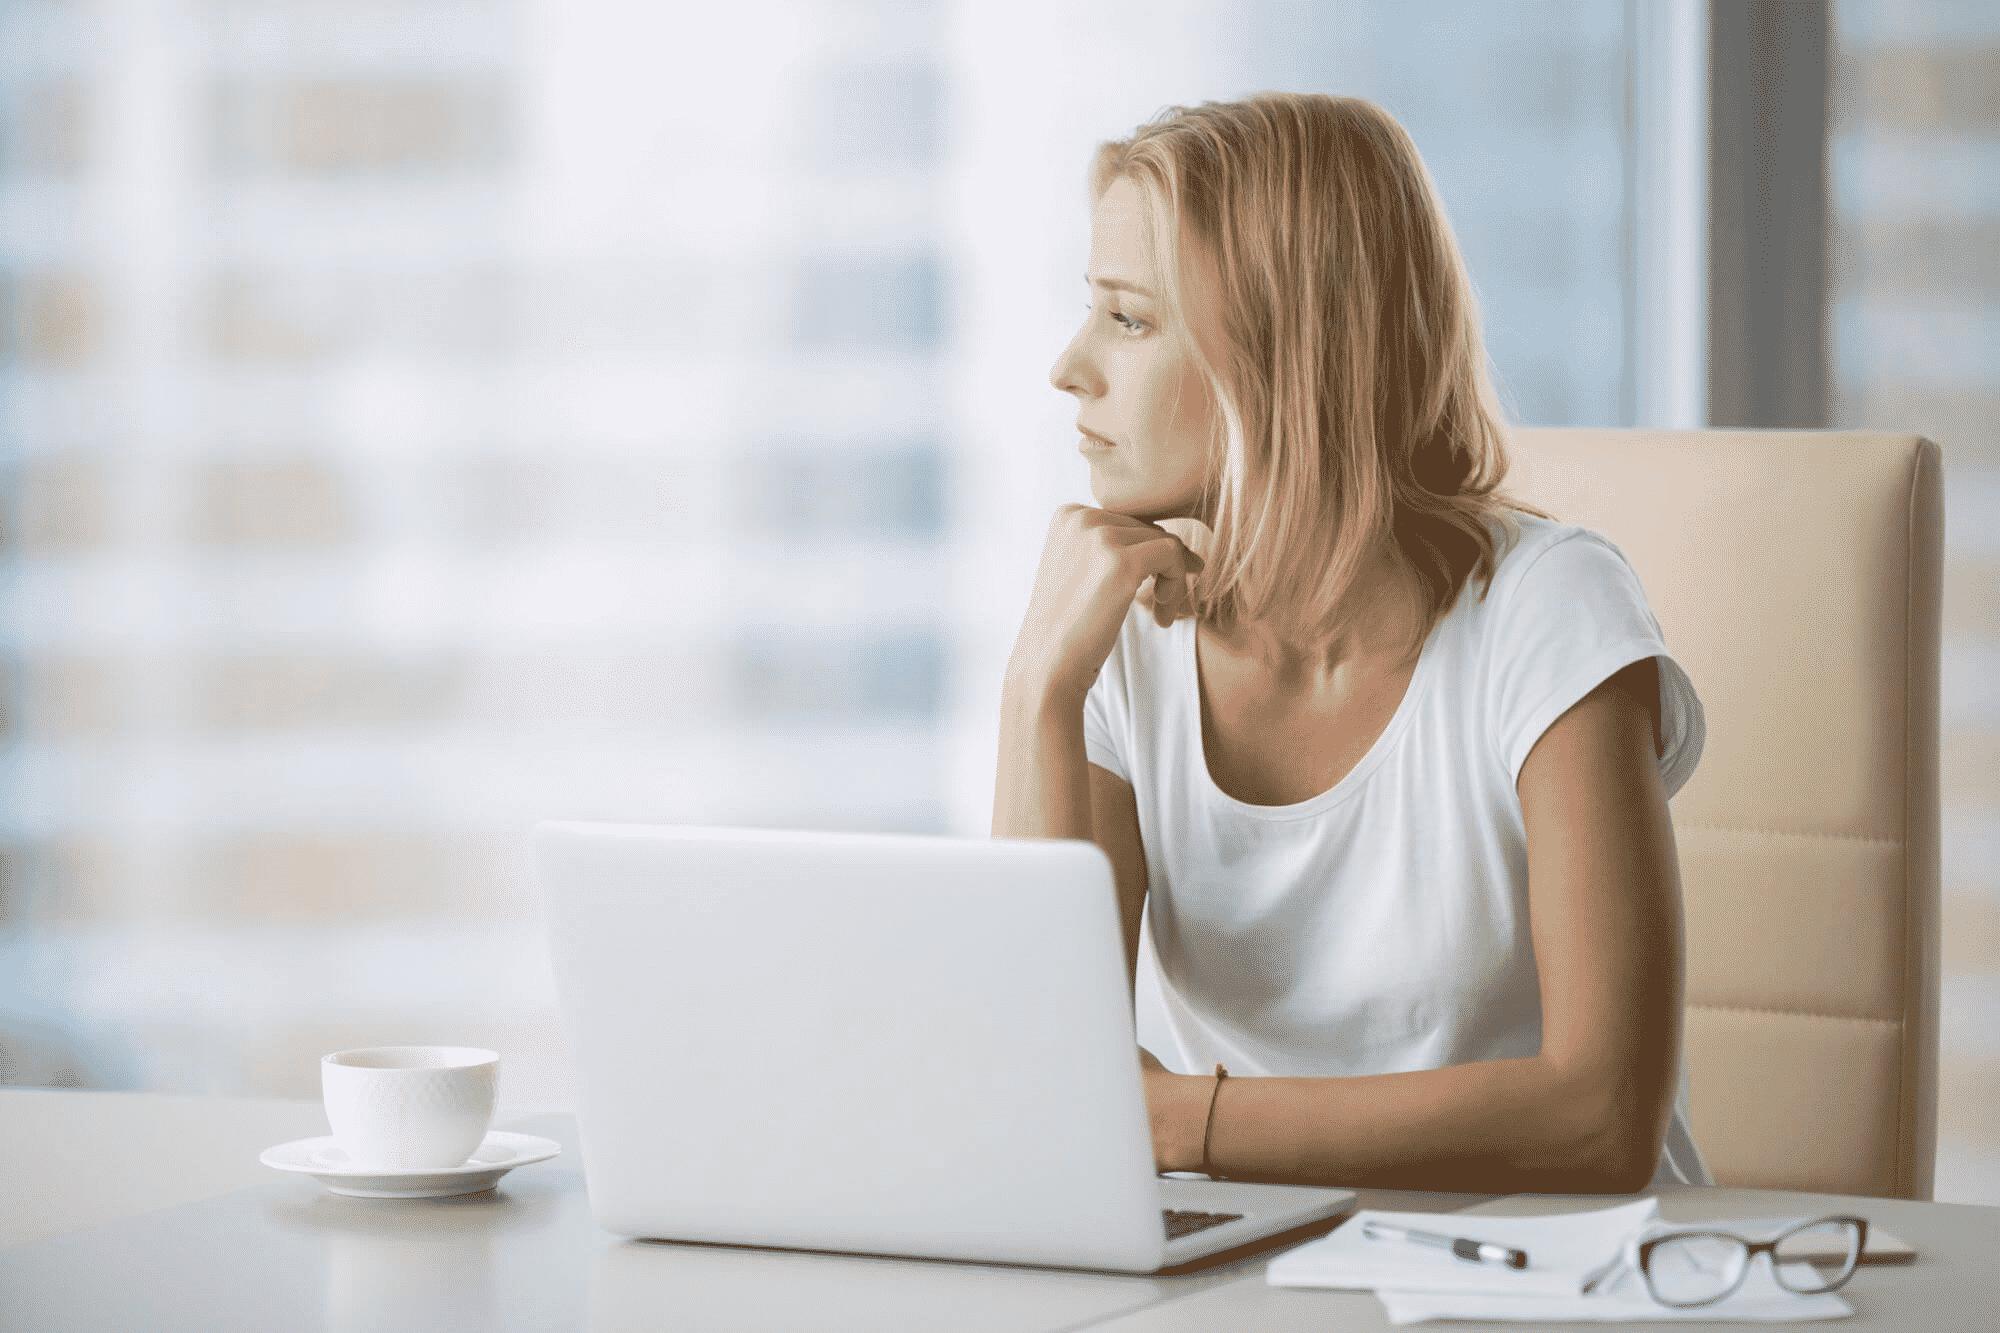 Leren van fouten | 5 verlammende patronen | Competenties Feedback